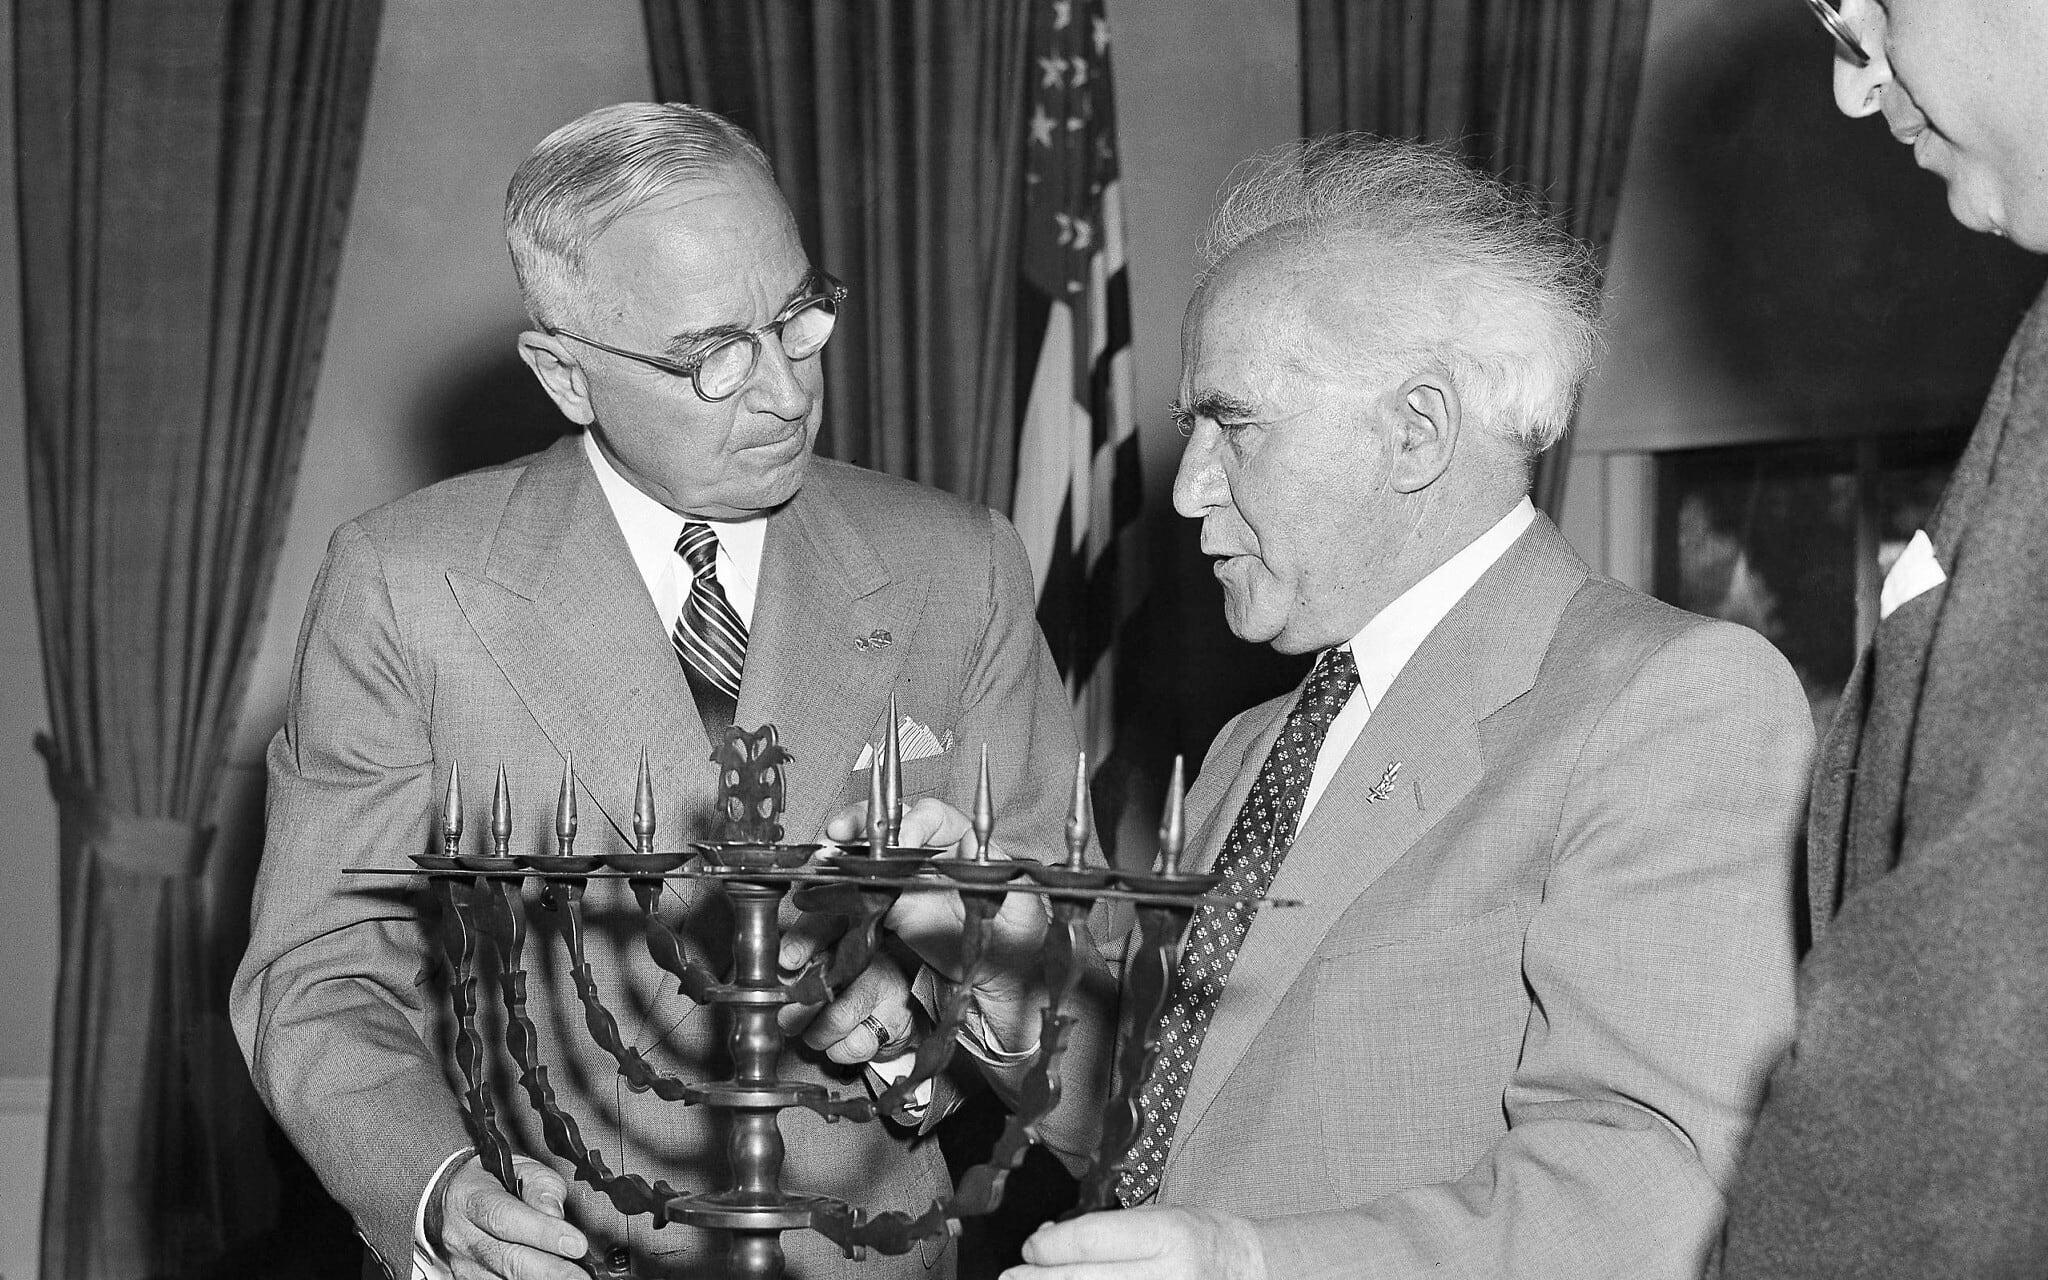 הנשיא הארי טרומן מקבל חנוכיית ארד כמתנת יום הולדת מדוד בן-גוריון, 8 במאי 1951 (צילום: AP Photo/Henry Griffin)